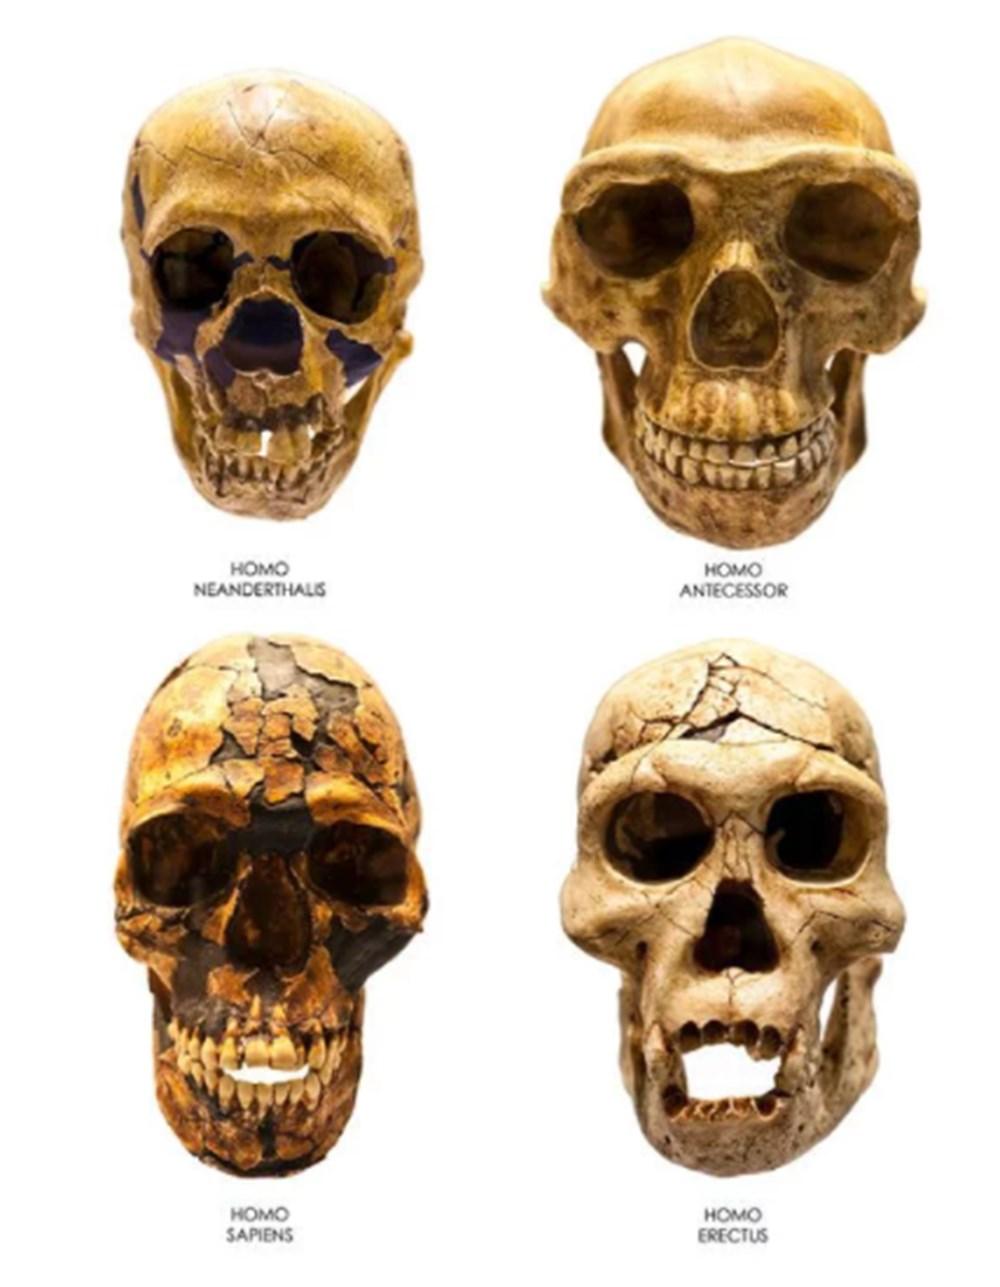 İklim değişikliği on binlerce yıl önce Neandertalleri yok etti - 5